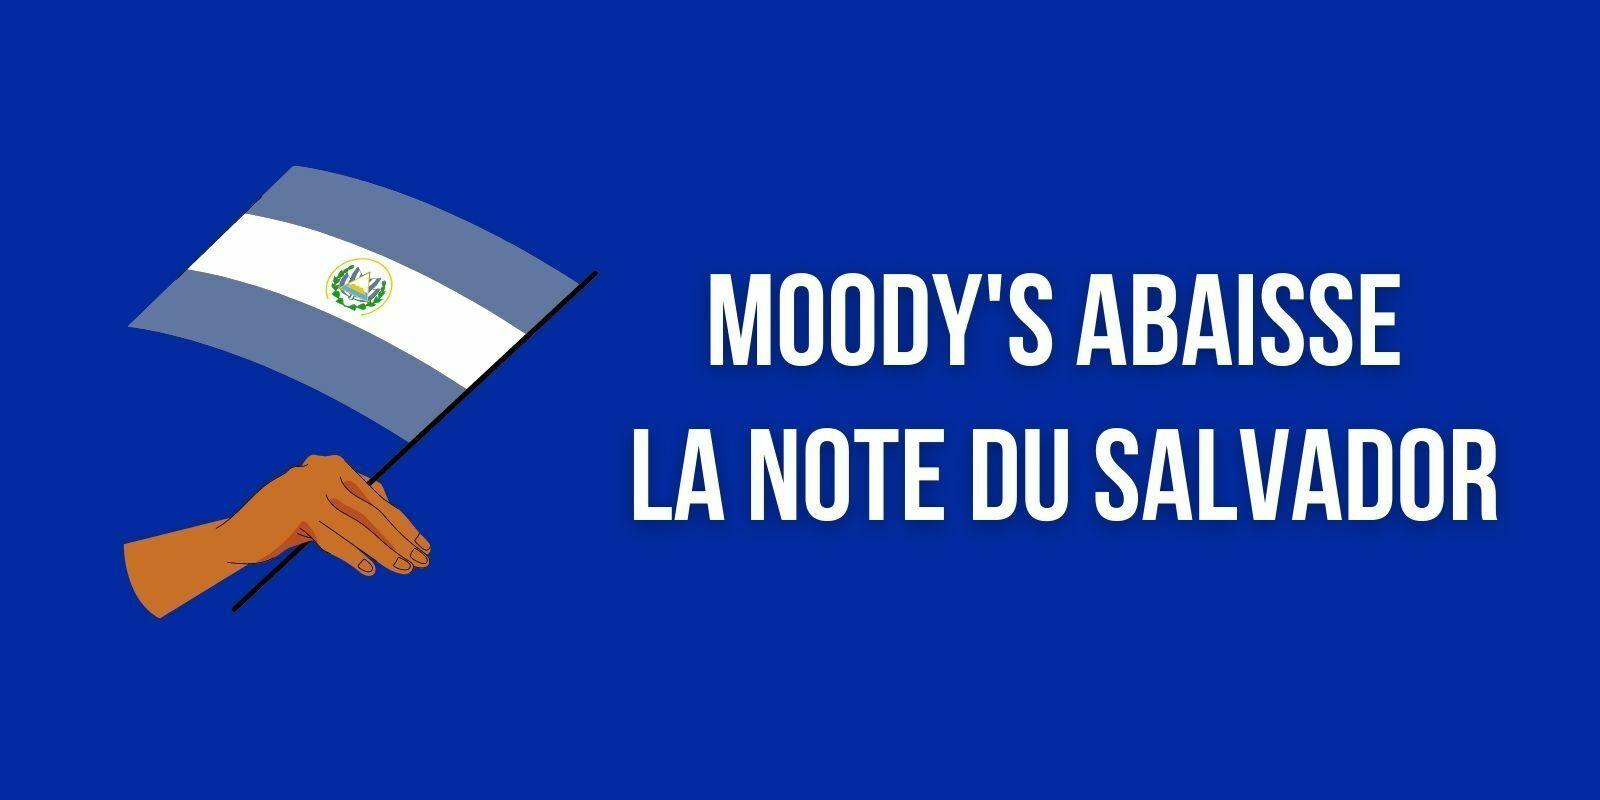 L'agence de notation Moody's abaisse la note du Salvador à cause de la loi Bitcoin (BTC)